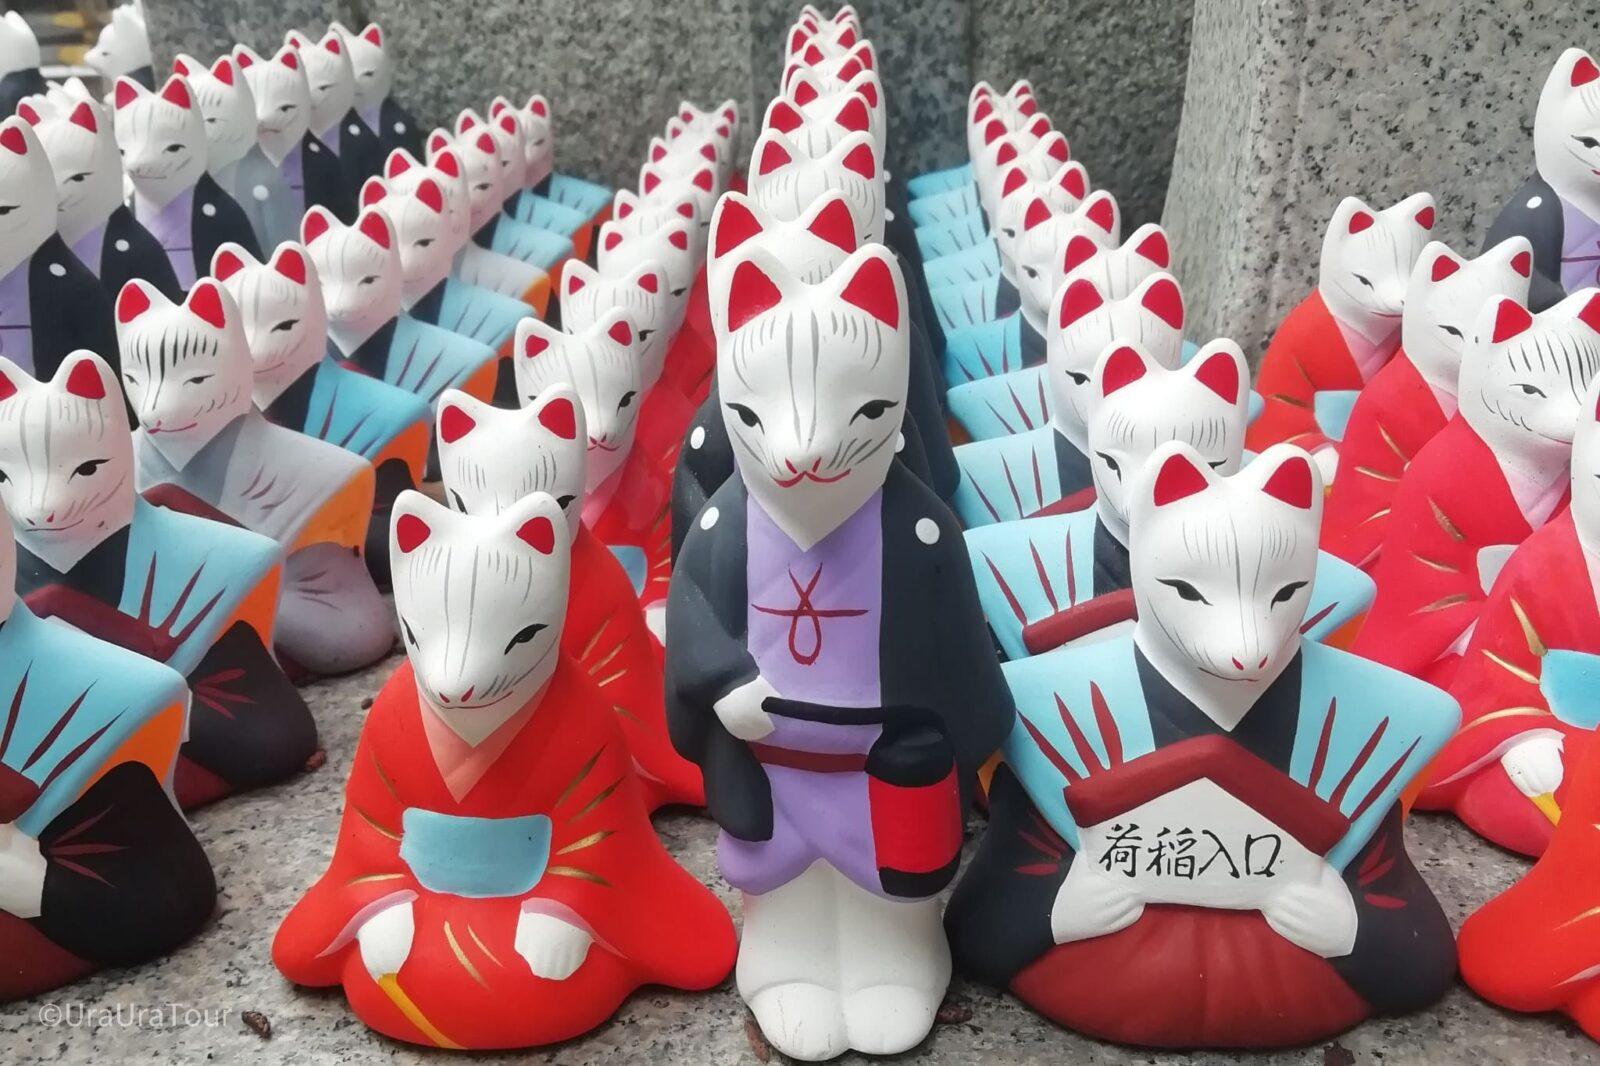 【京都観光人気NO.1☆知ってるつもりの伏見稲荷大社♪壱のお話「稲荷入門編」】~知っとこ!お稲荷様の真実と不思議~ 画像3